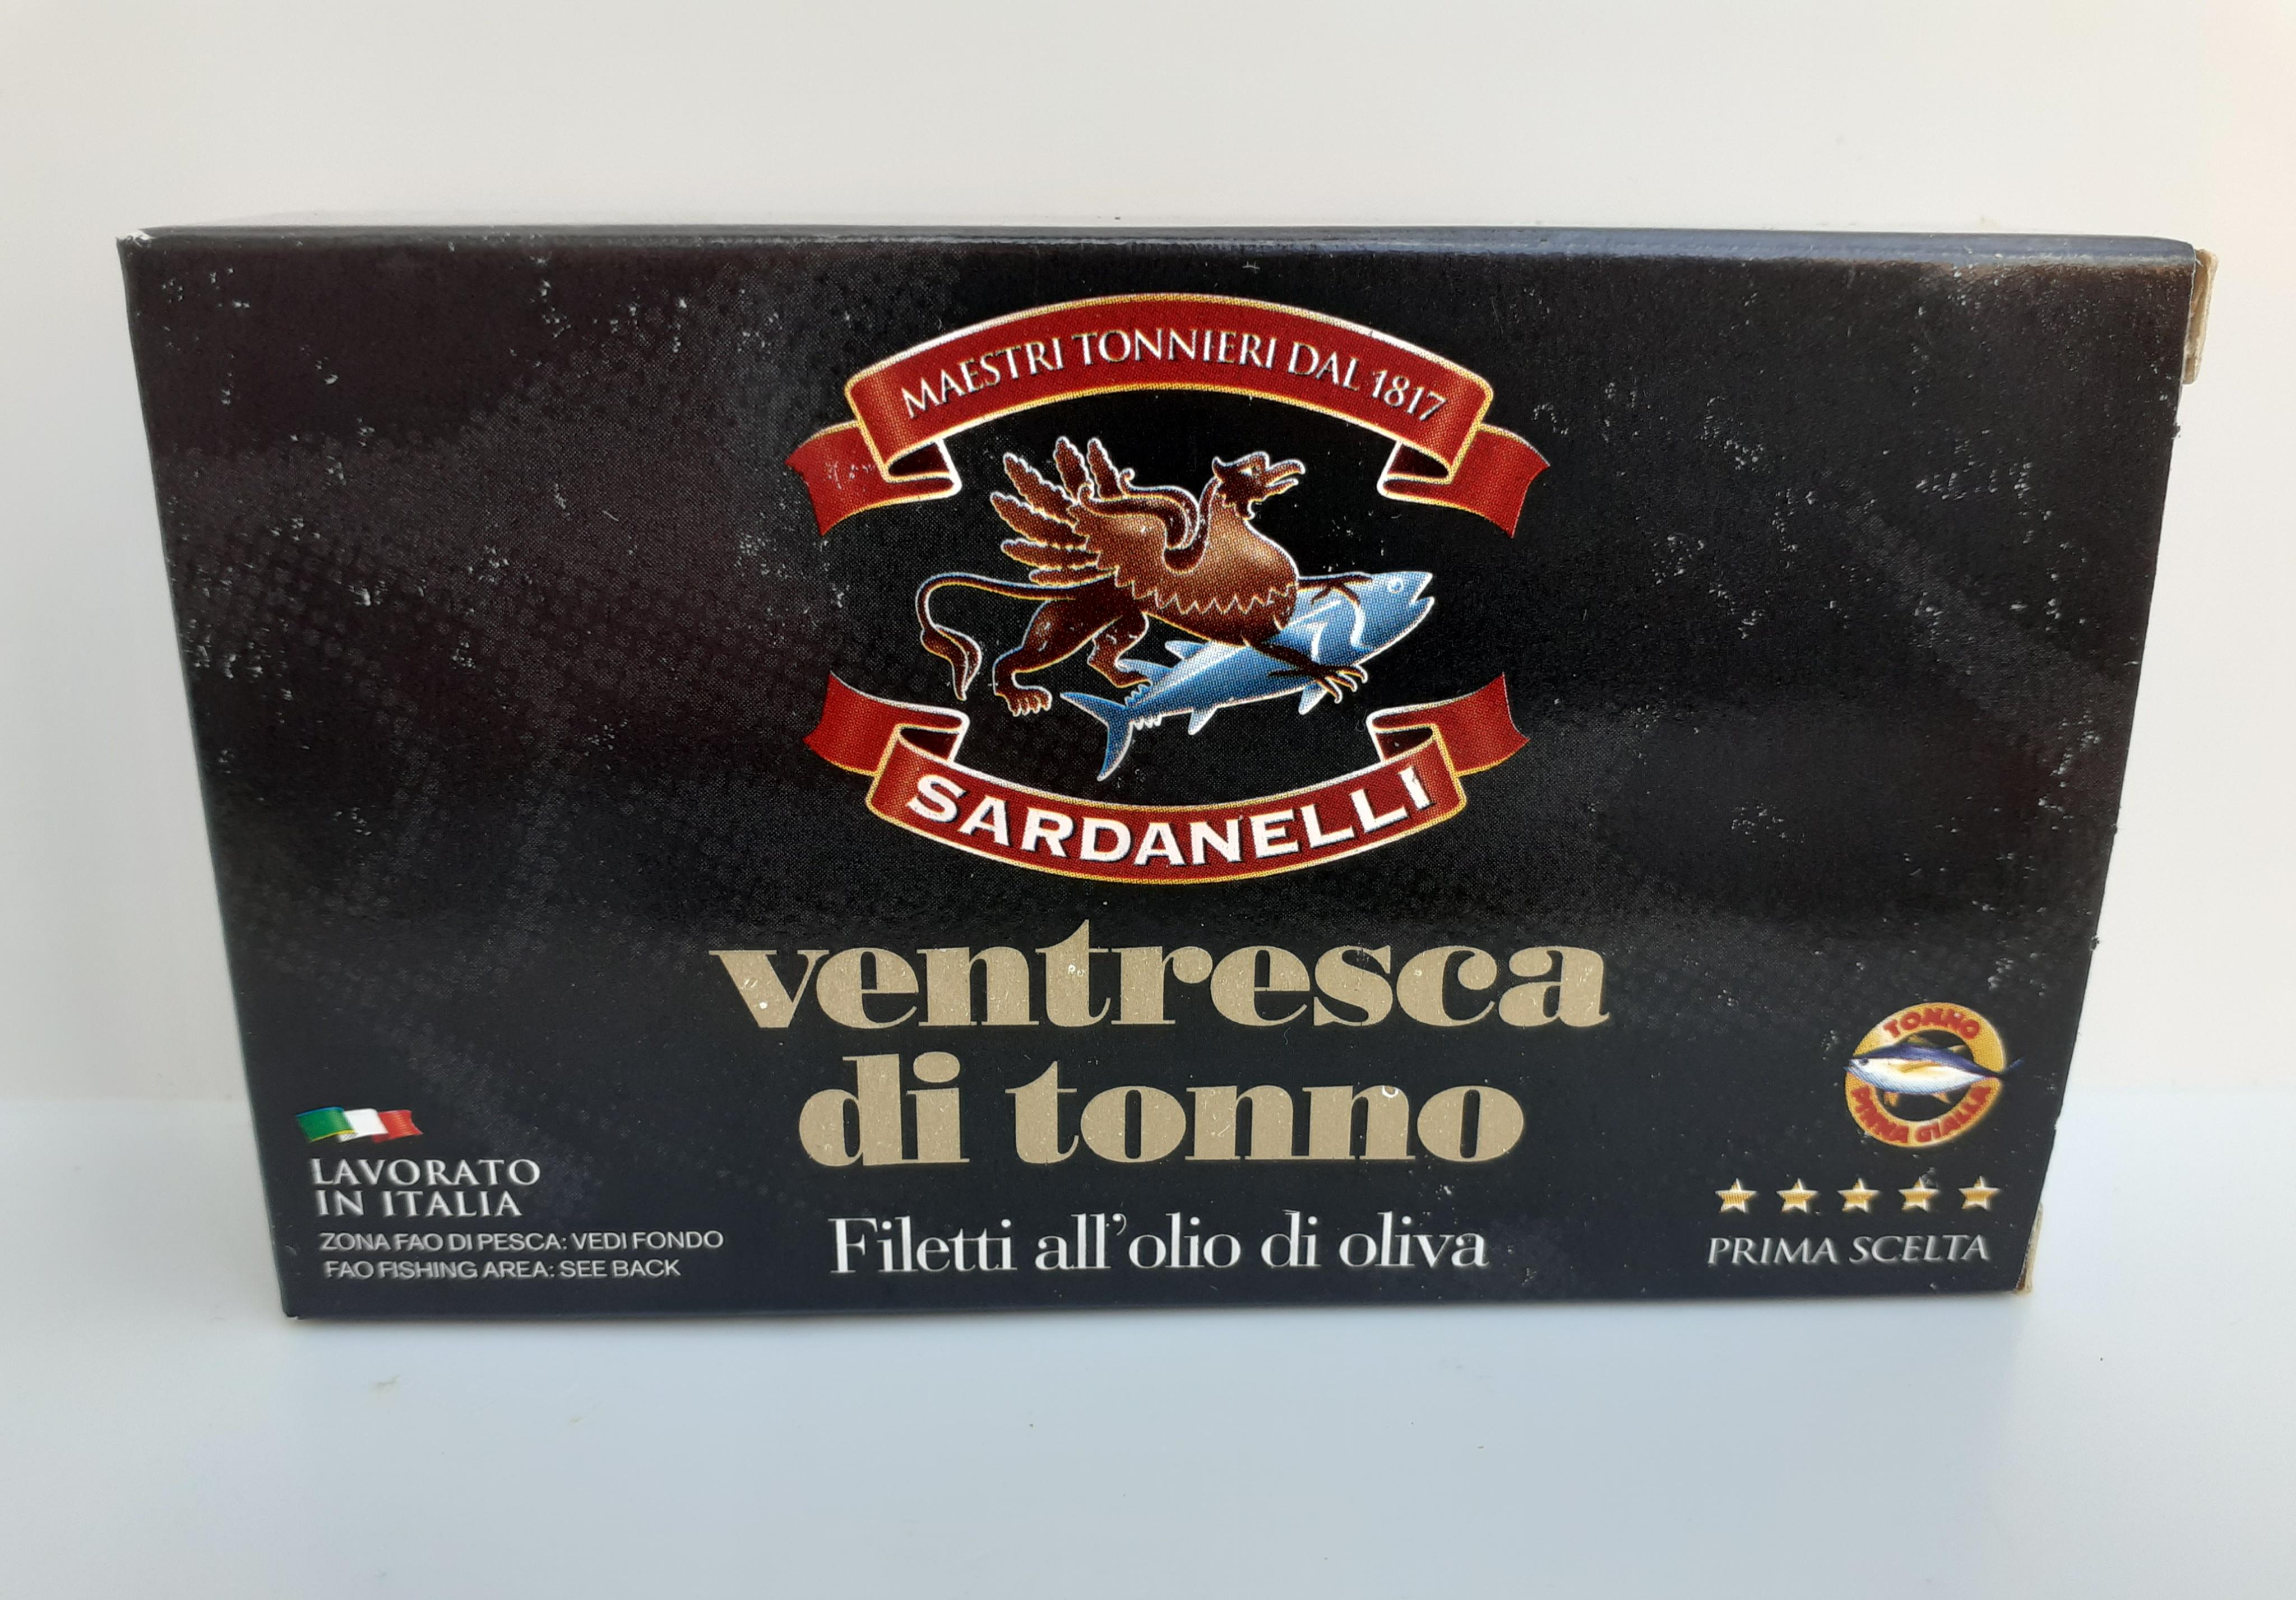 Ventresca di tonno. Filetto all'olio di oliva 120g. Sardanelli Maestri Tonnieri dal 1817 Maierato (VV)